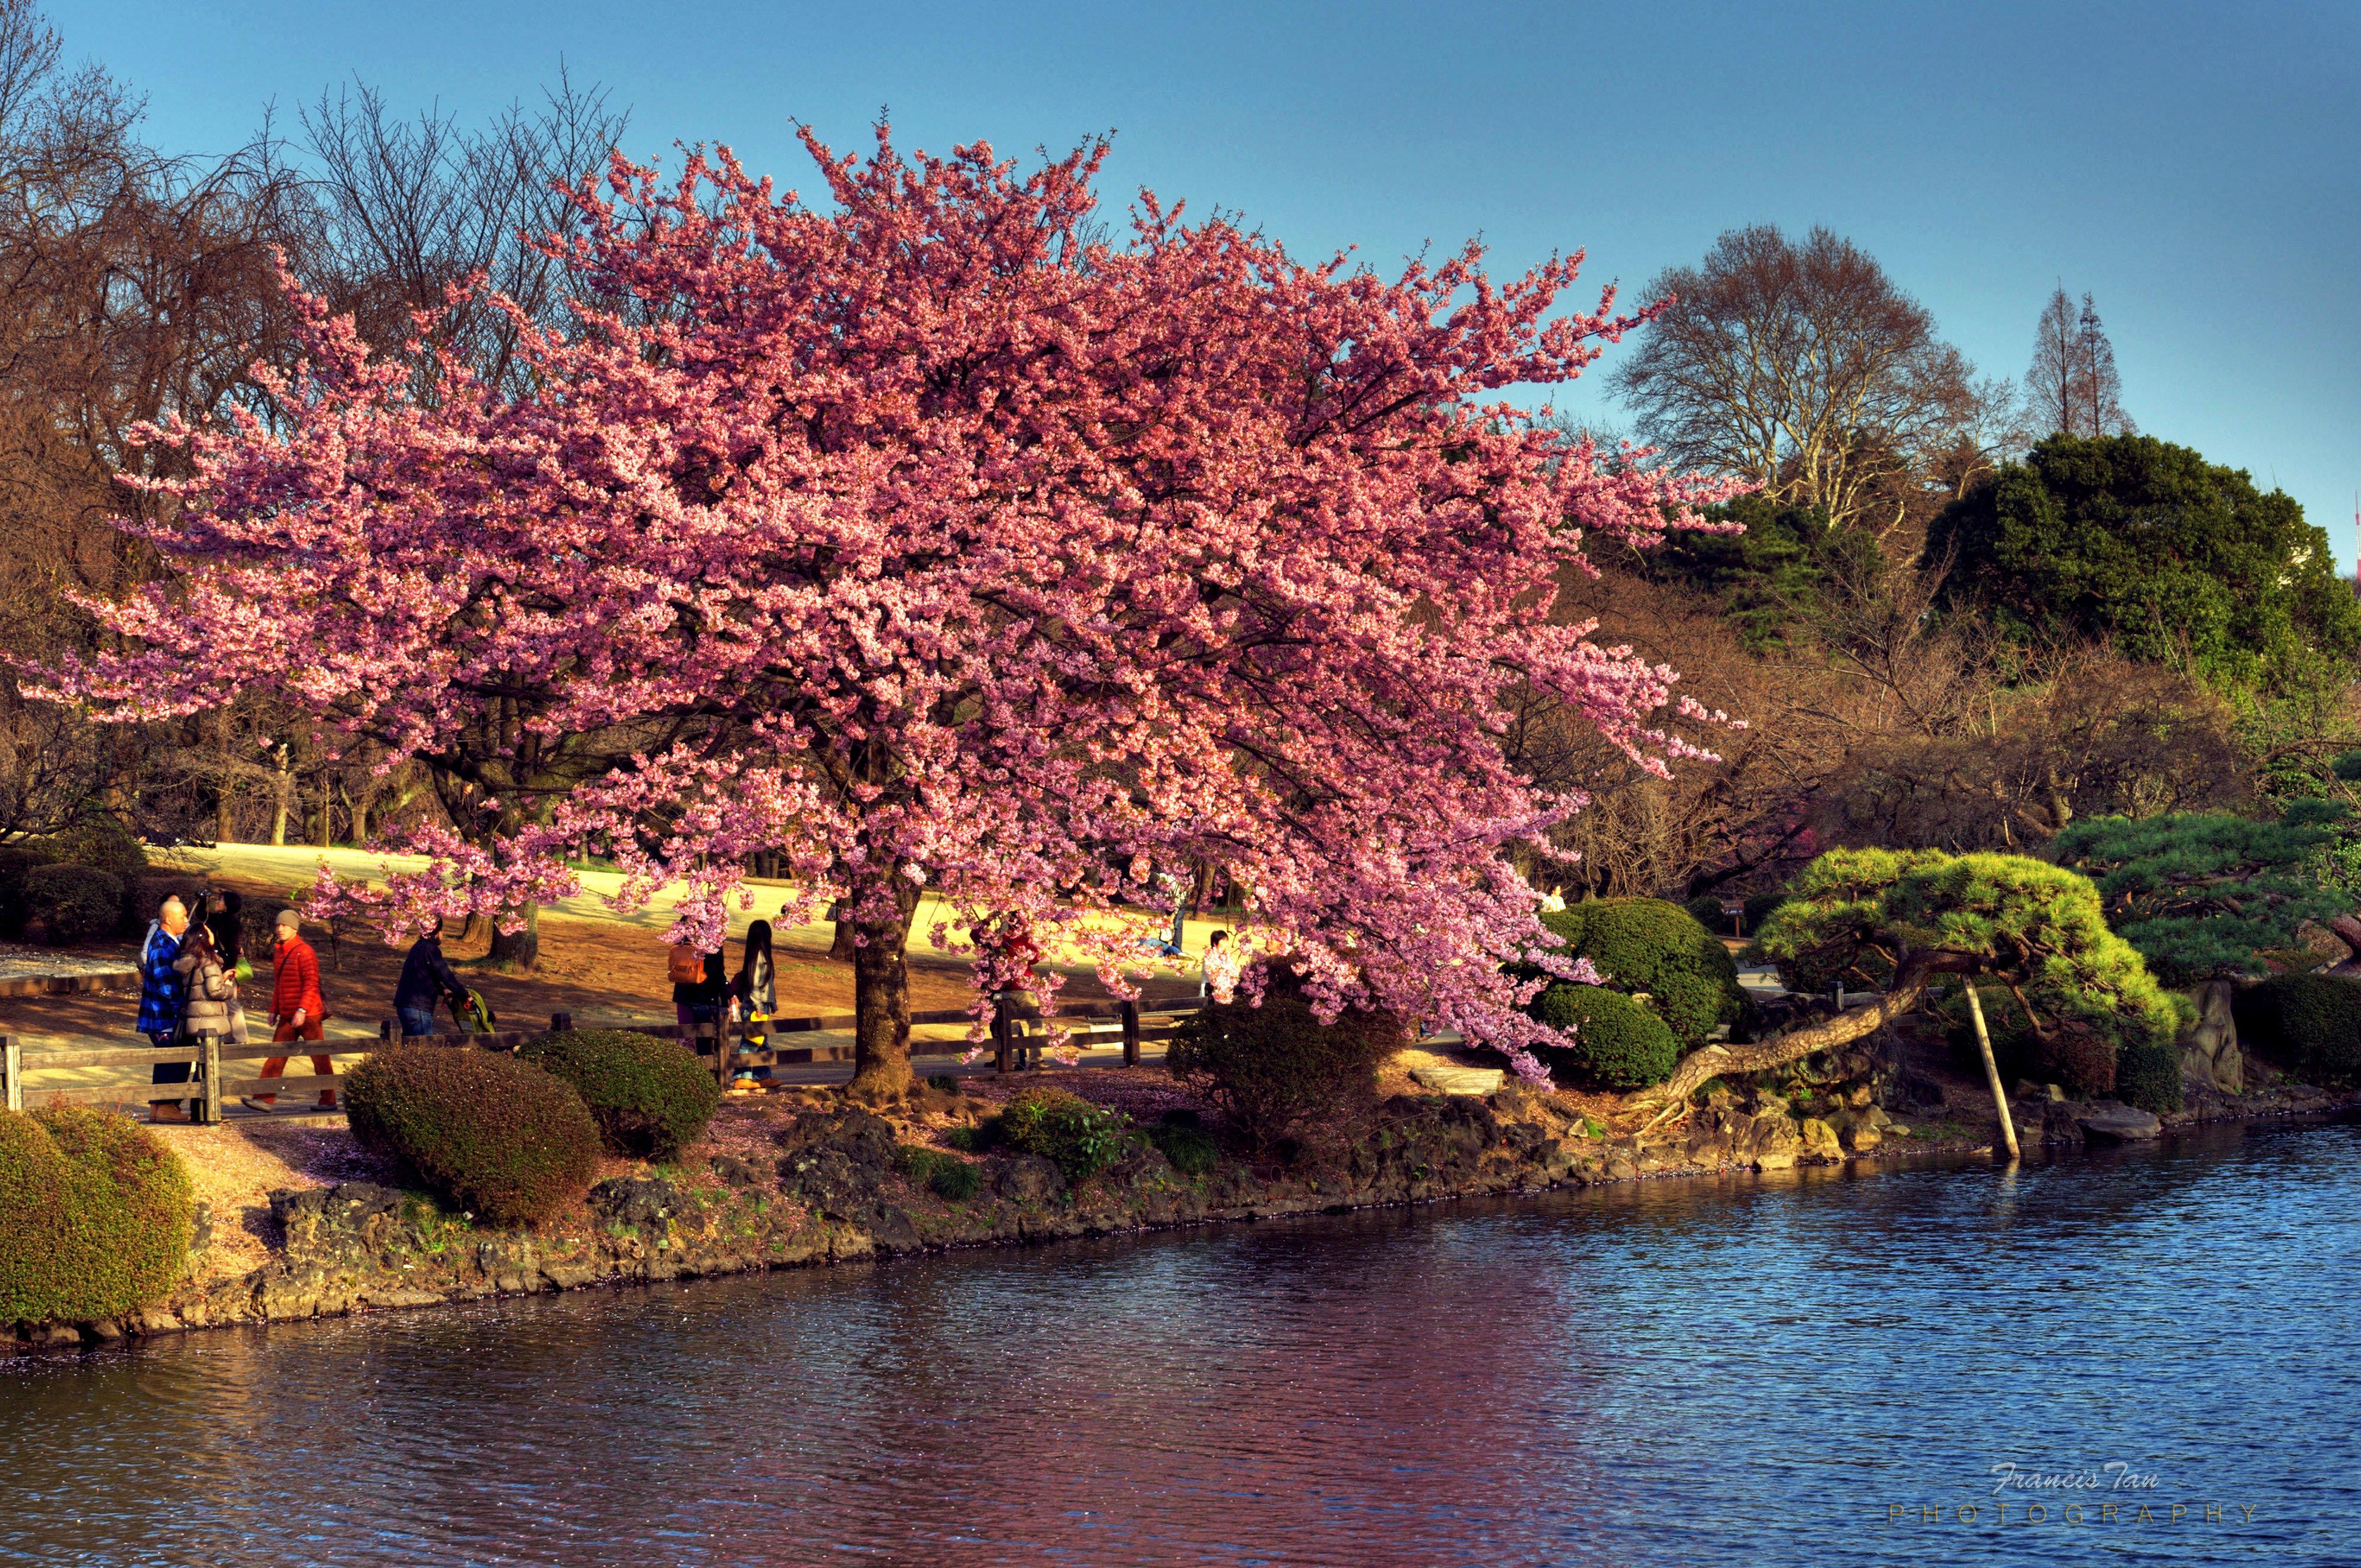 fond d 39 cran japon paysage fleurs jardin lac eau la nature r flexion ciel macro. Black Bedroom Furniture Sets. Home Design Ideas